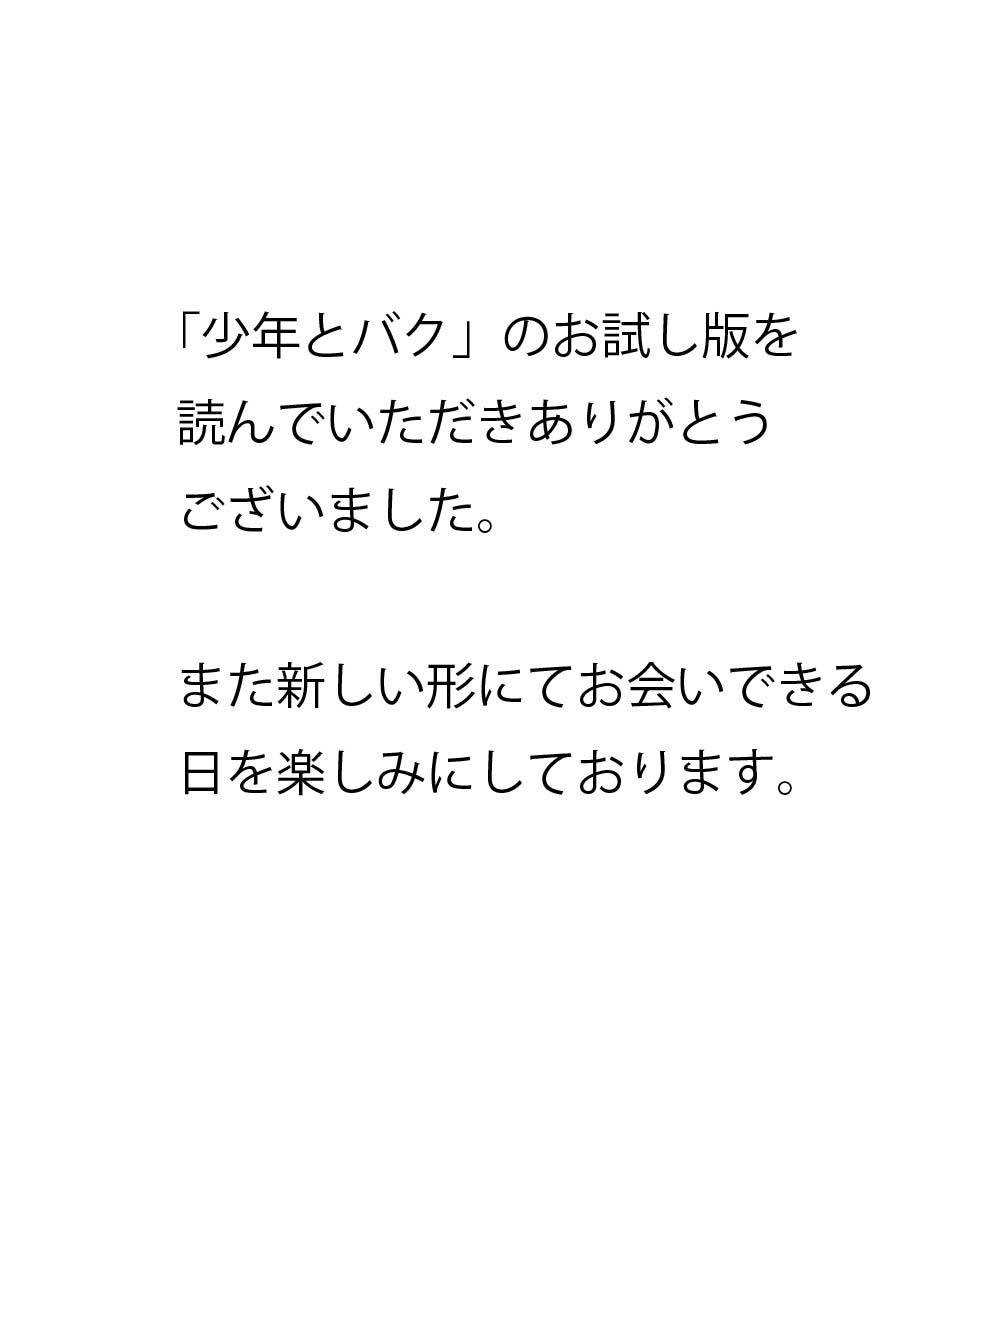 少年とバク-10.jpg